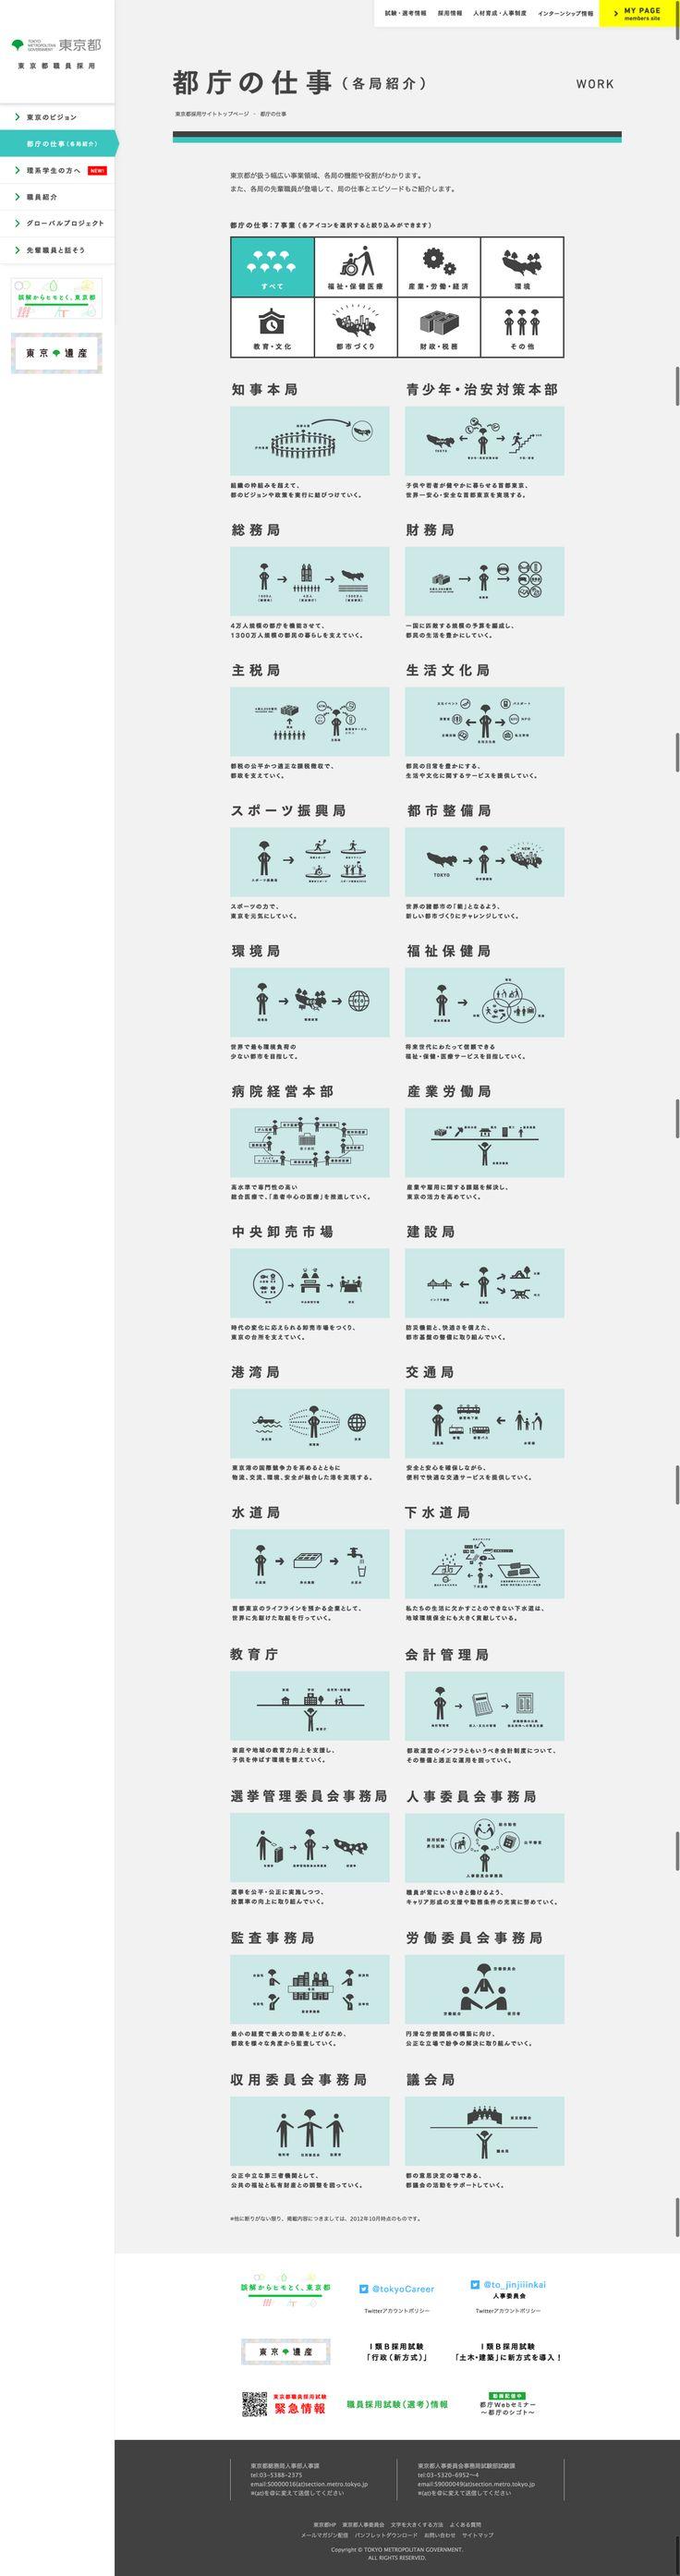 東京都職員採用 / 採用 /  シンプル / イラスト / フラット /  ゴシック / 直線 / 白 / 緑 / 黒 / 黄色 / サイドバー